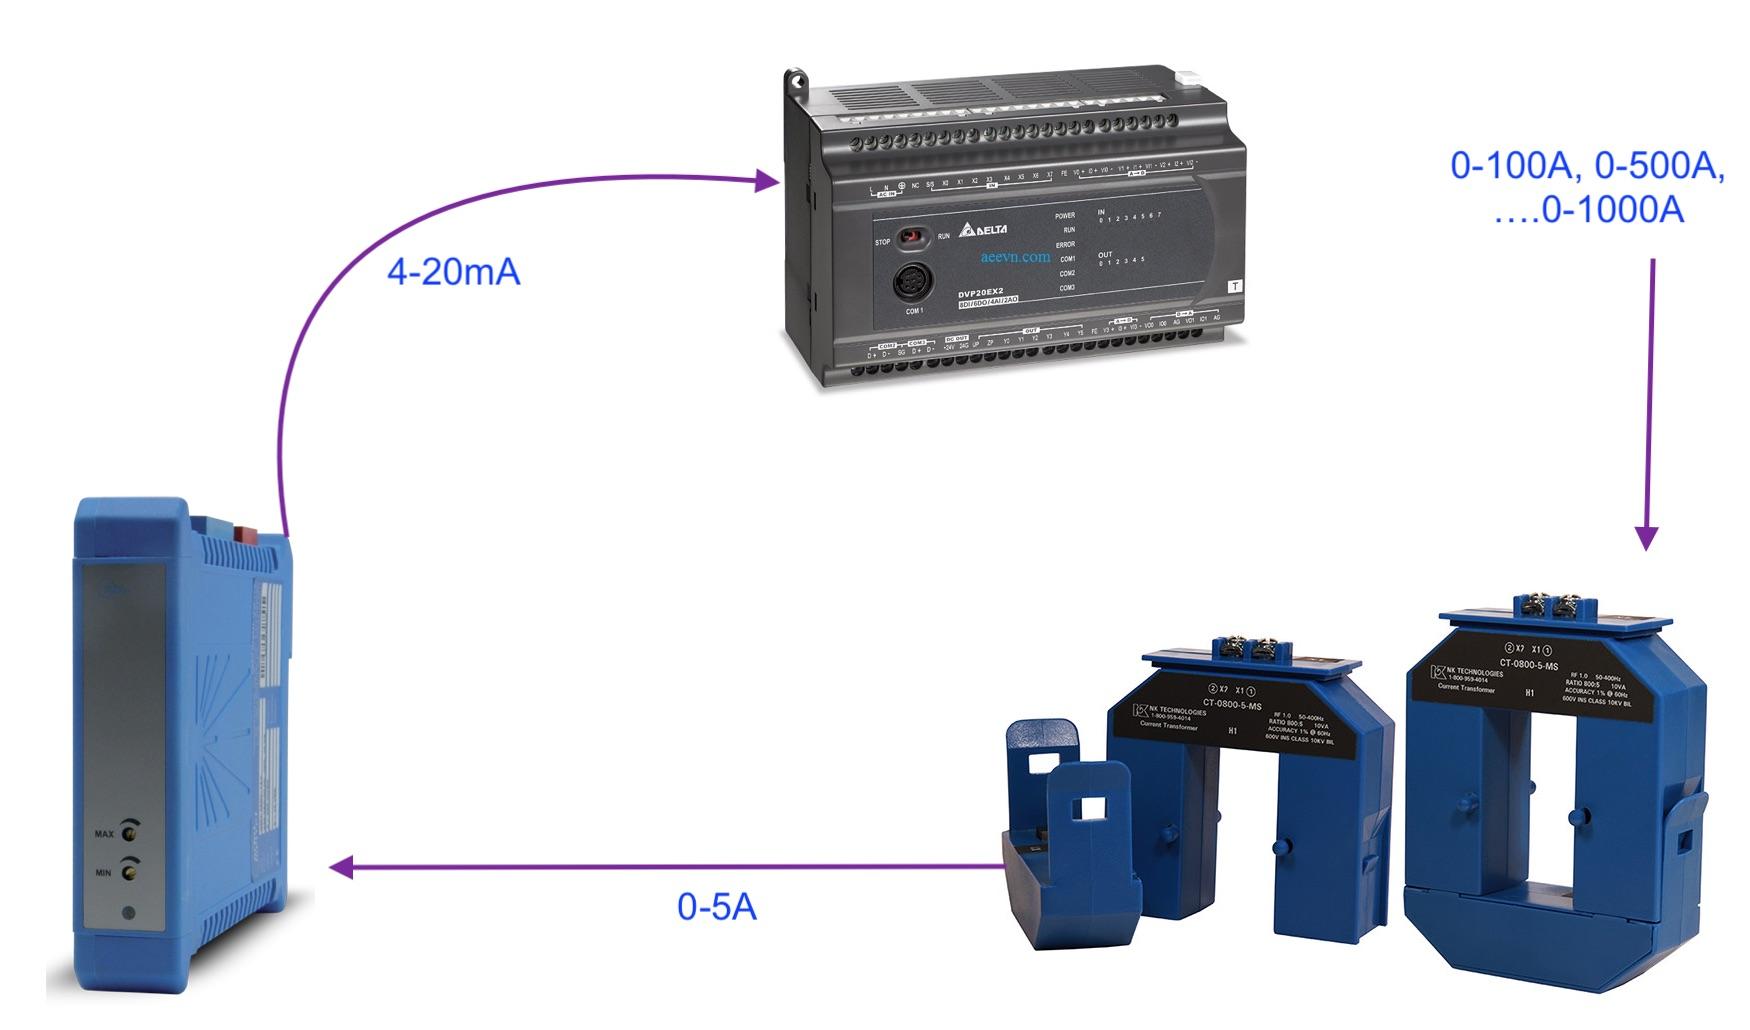 Ứng dụng bộ chuyển 5A sang 4-20MA